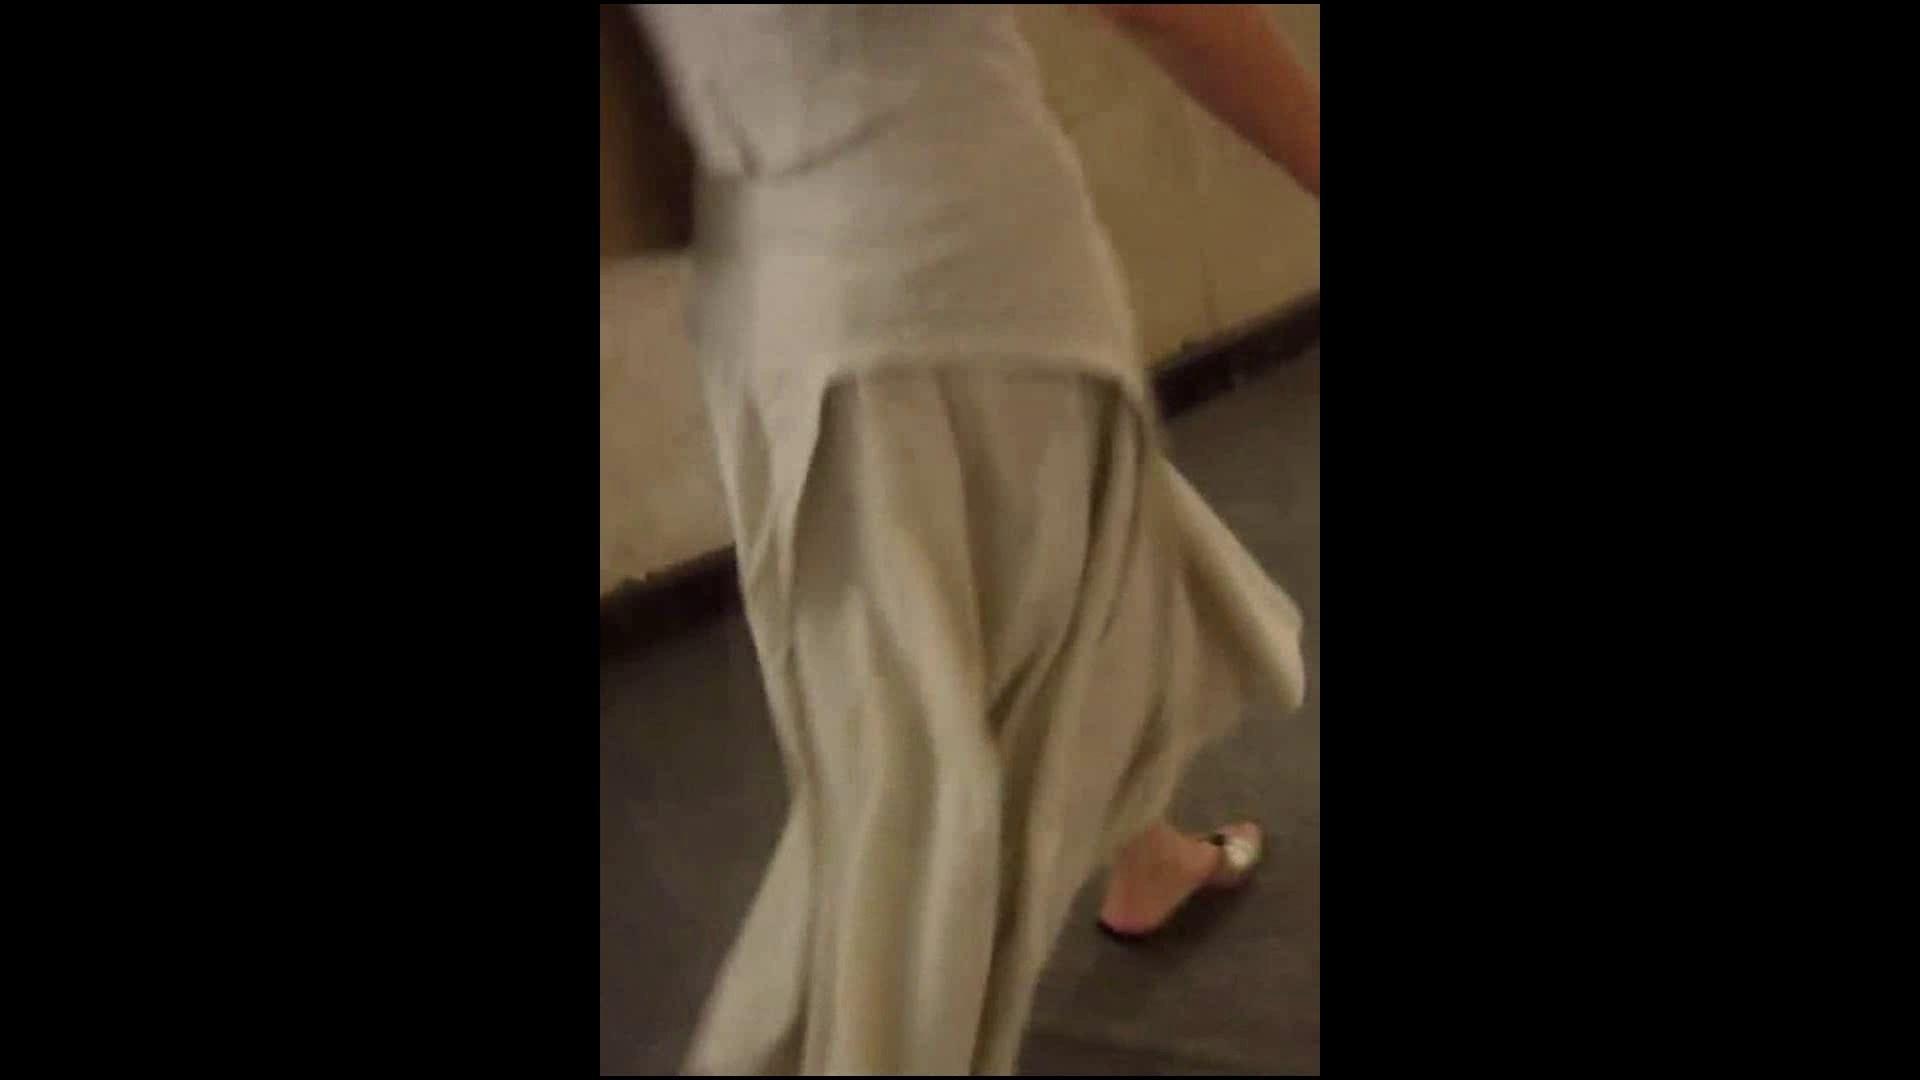 綺麗なモデルさんのスカート捲っちゃおう‼vol01 お姉さん   モデル  95連発 67